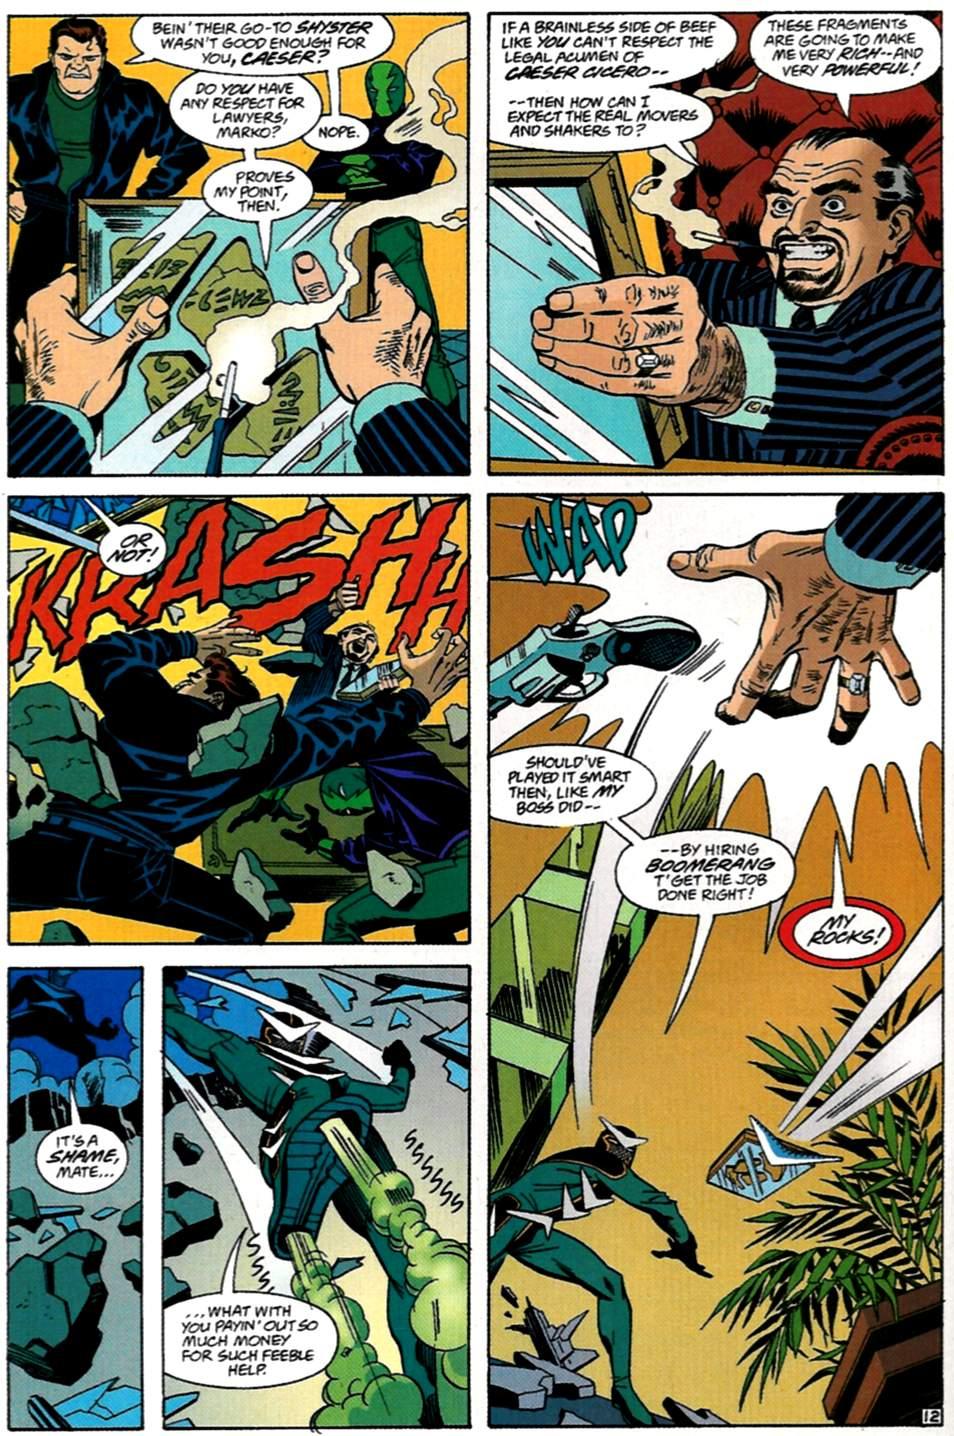 Read online Spider-Man: Lifeline comic -  Issue #1 - 13